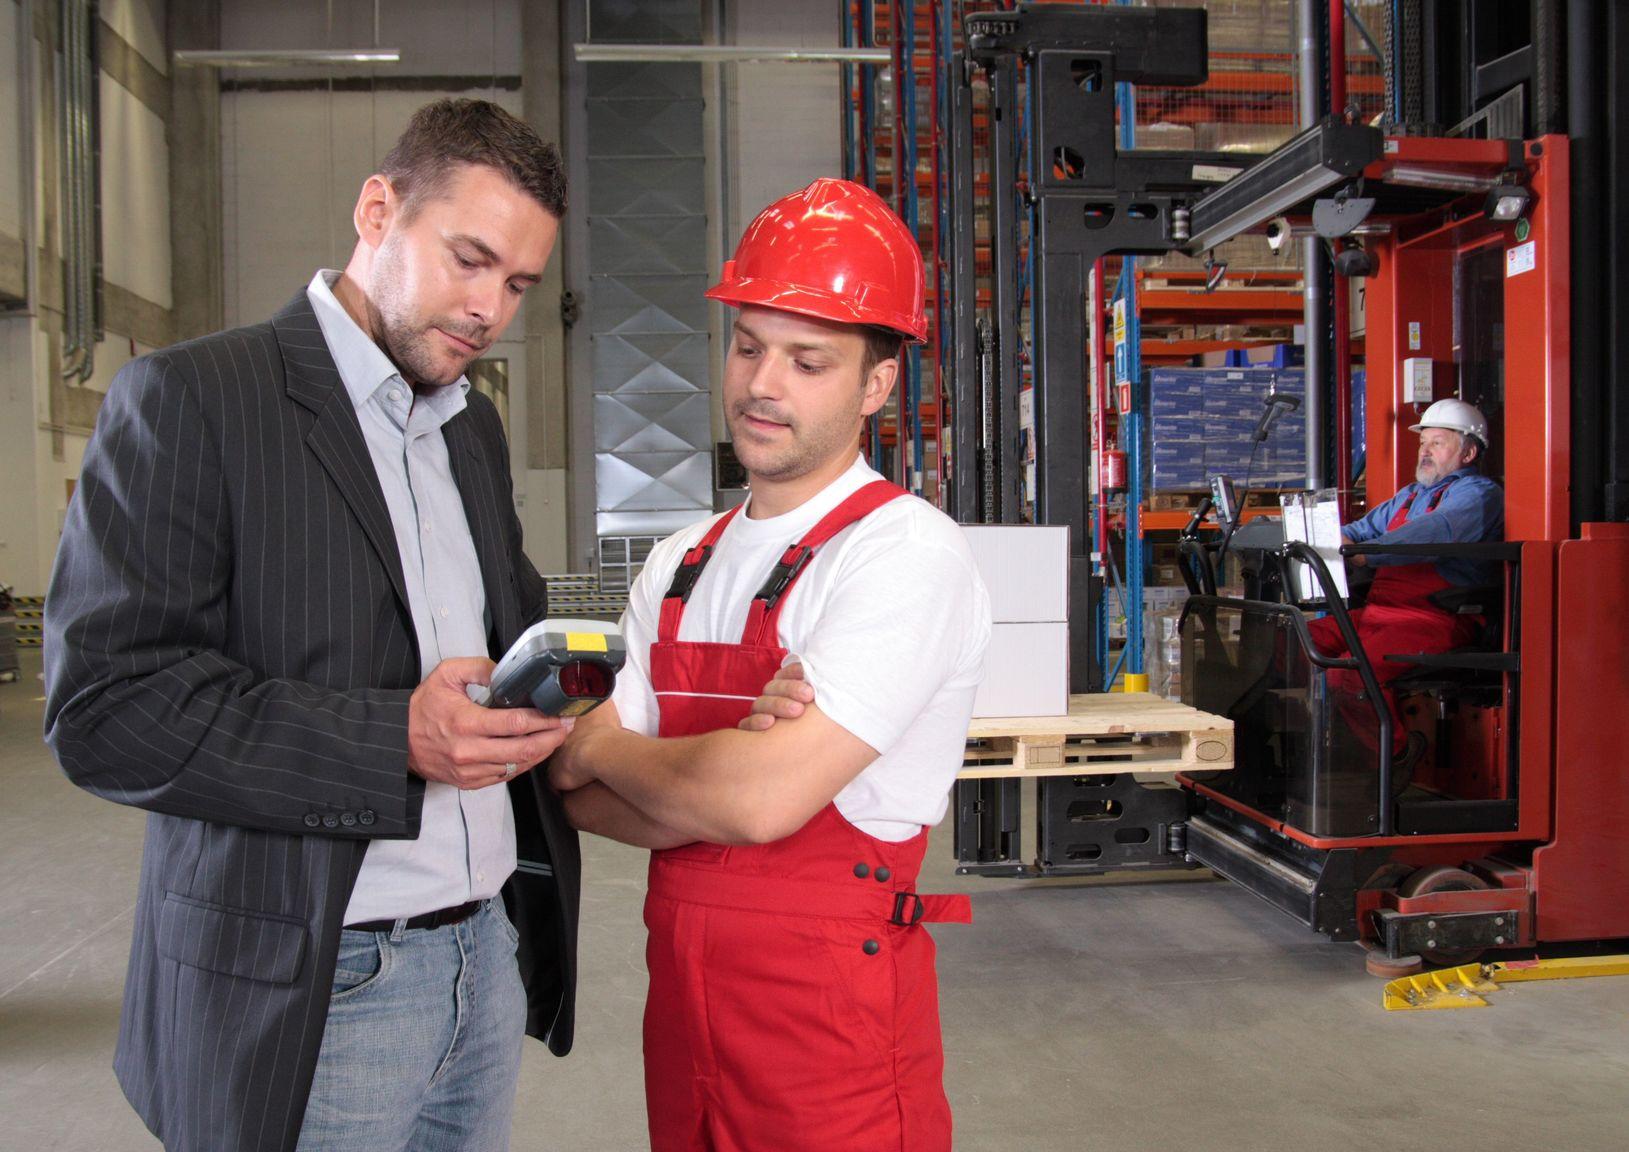 Vorgesetzter schaut zusammen mit Arbeiter in ein mobiles Gerät, beide stehen in einem Lager, im Hintergrund ein Mann mit Gabelstapler